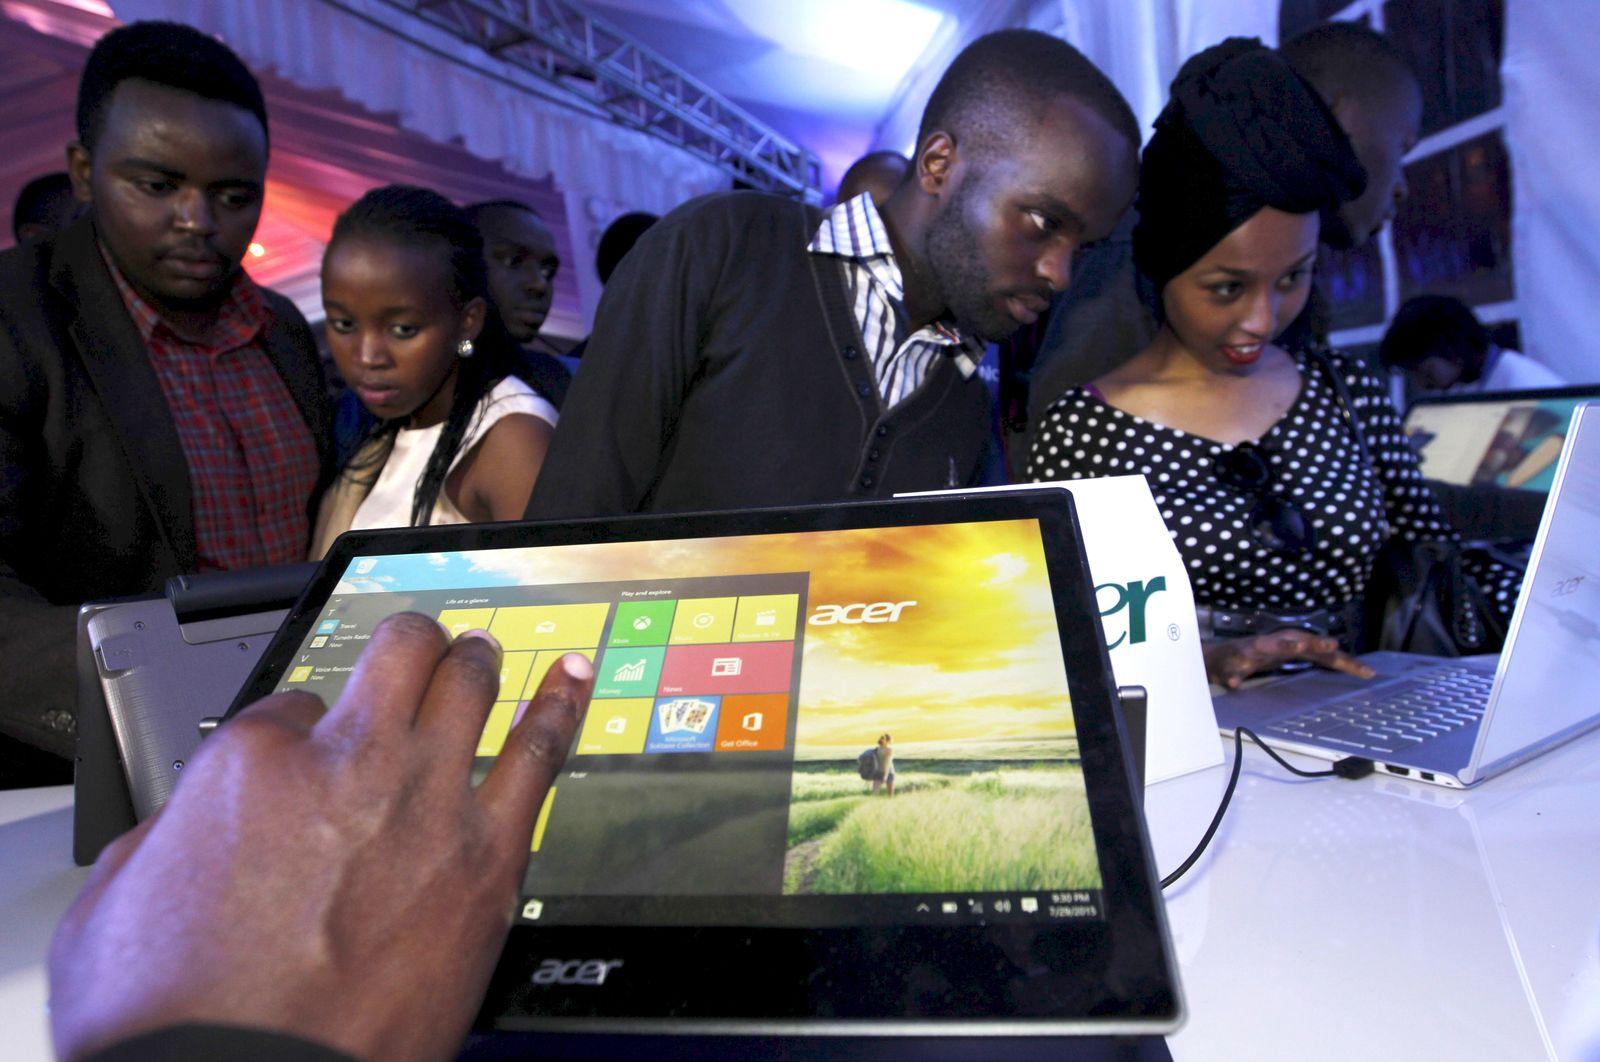 NICHT MEHR VERWENDEN! - Symbolbild Internet/ Notbook/ Laptop/ Kenya/ Microsoft/ Arika